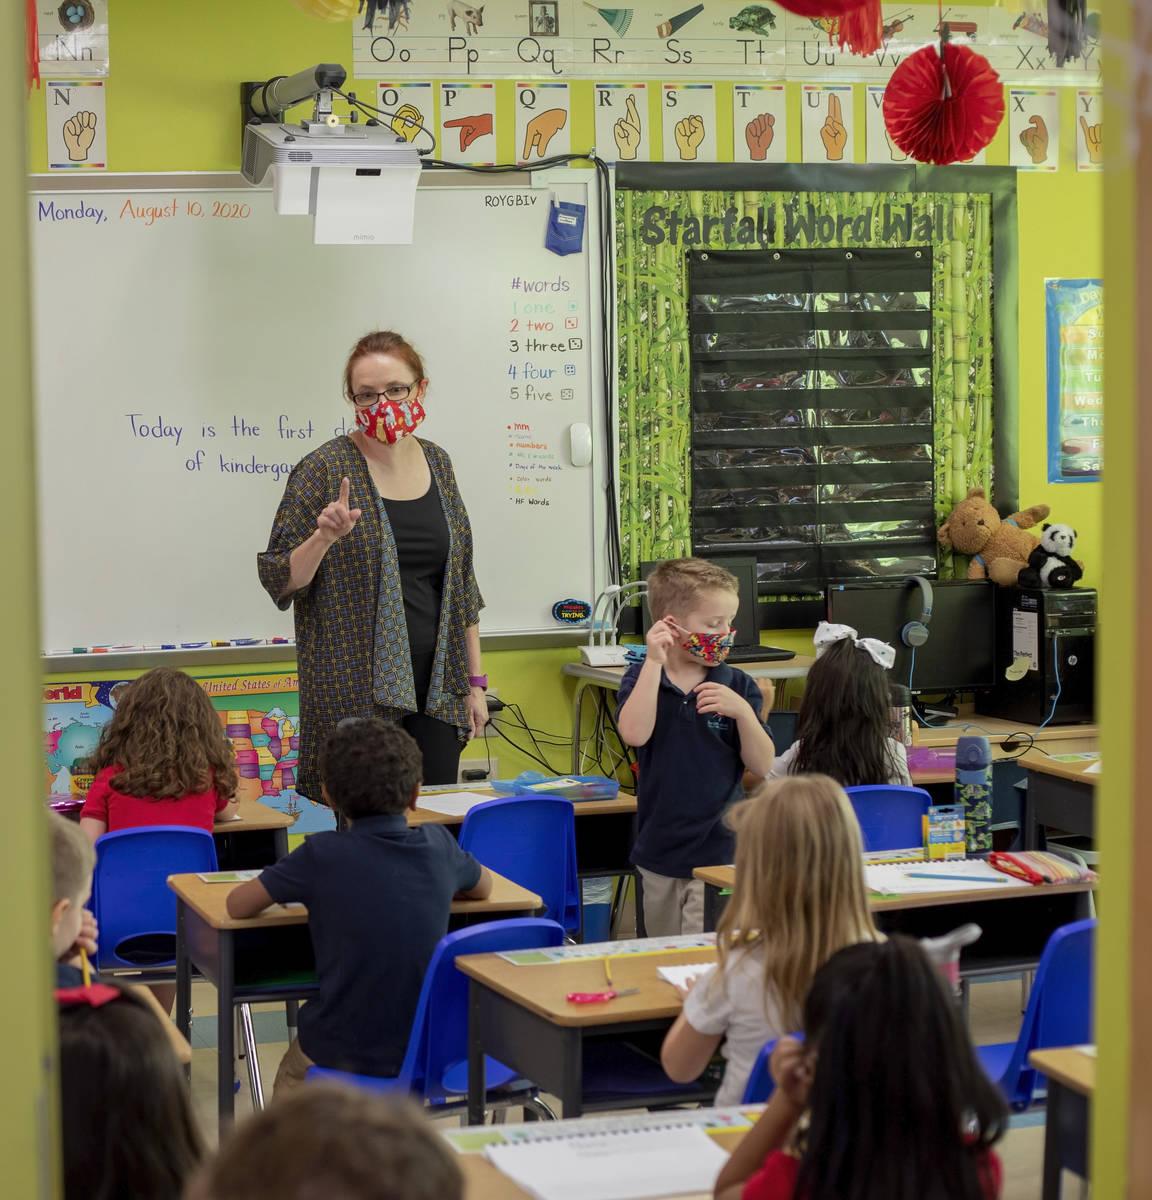 La directora del jardín de niños, Sheryl Davis-Haas, instruye a los estudiantes durante el pr ...